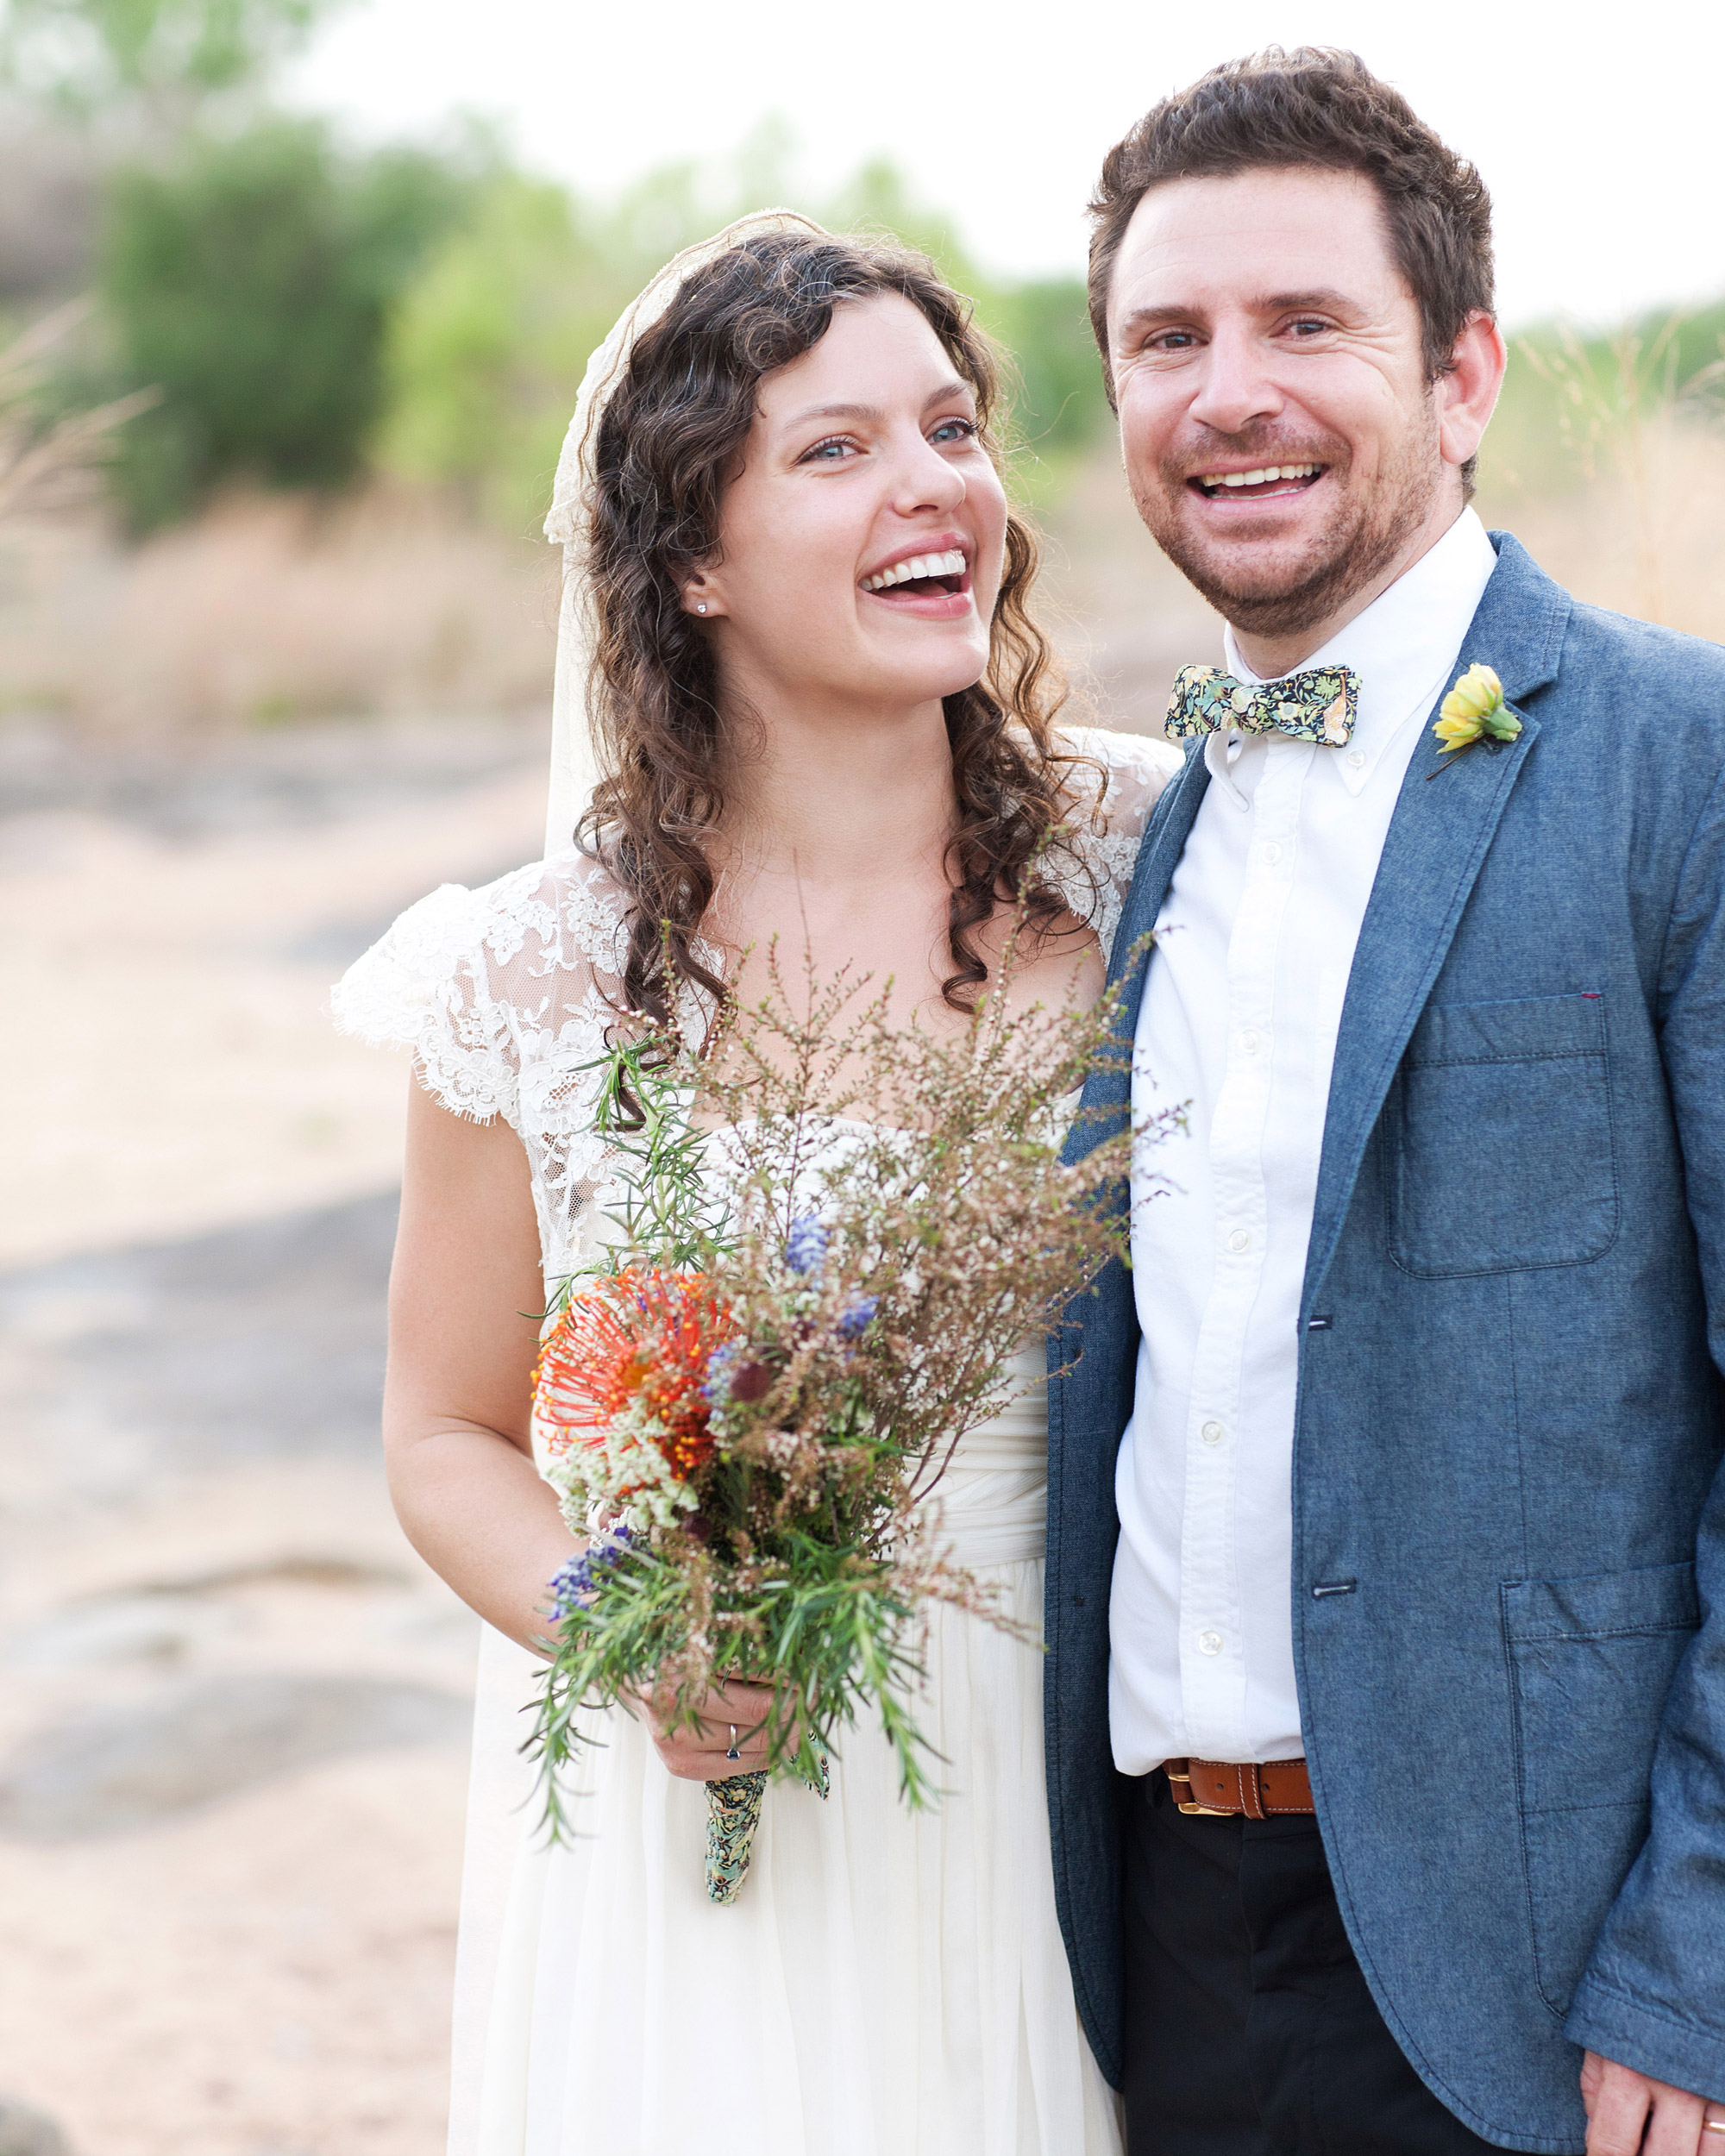 rw-ellie-shawn-bride-groom-110423.jpg